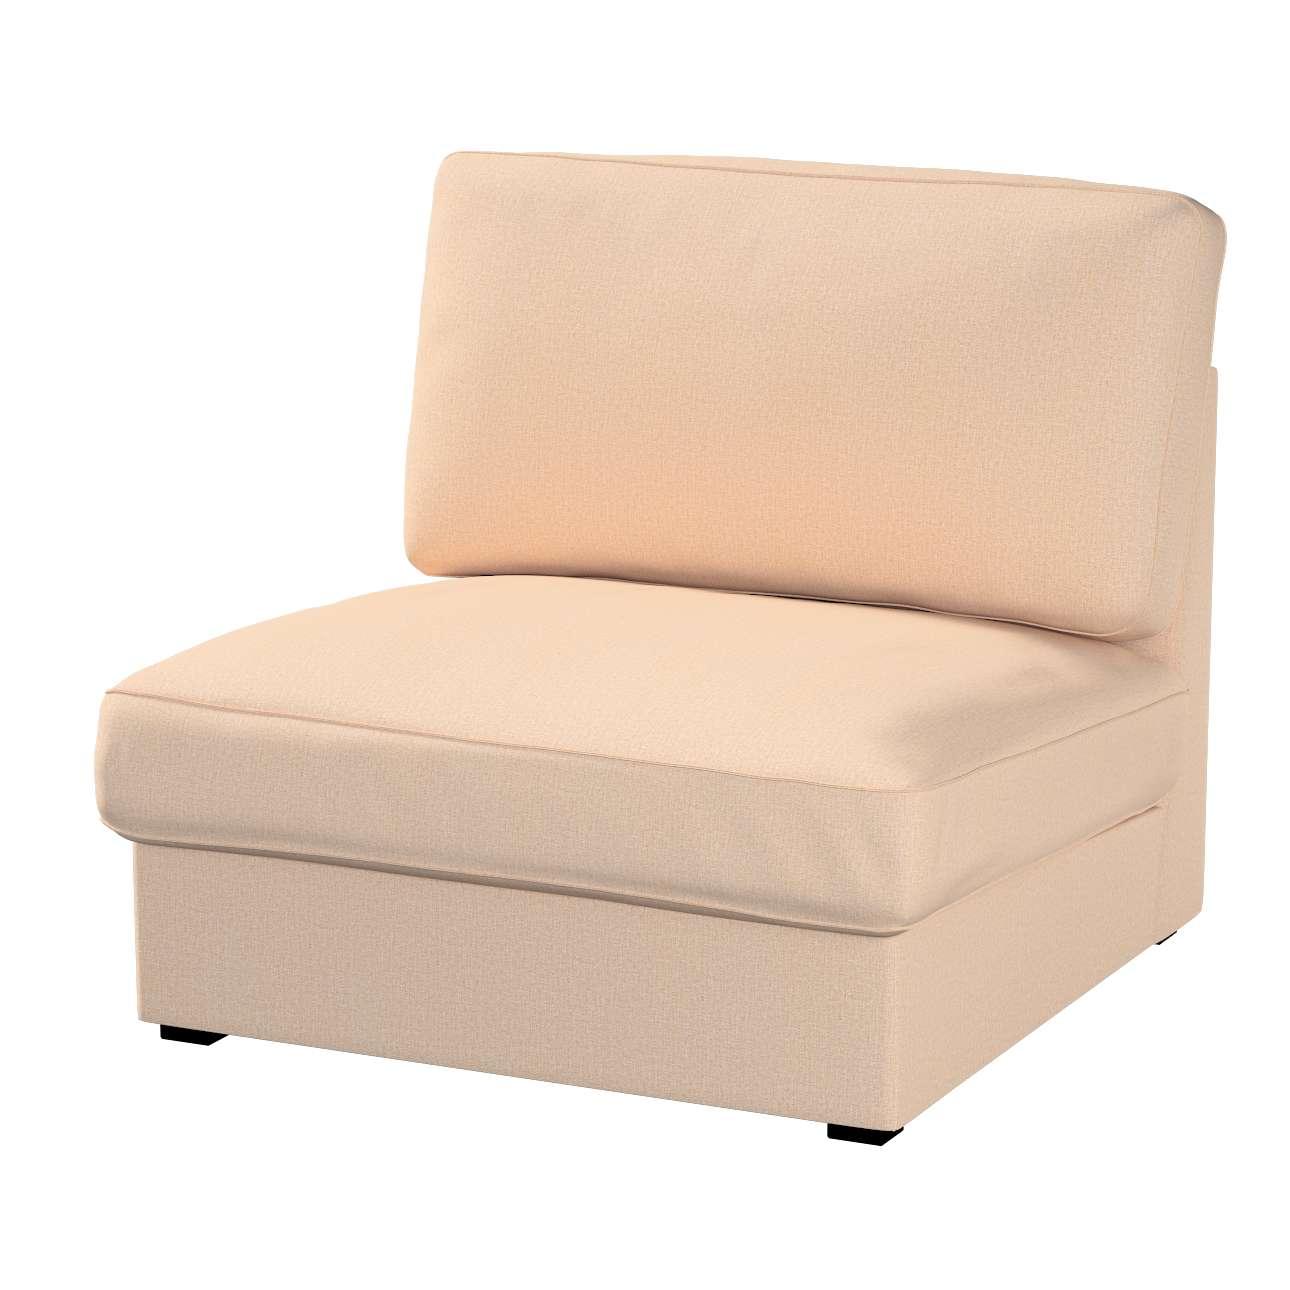 KIVIK fotelio/vienvietės dalies užvalkalas Kivik armchair kolekcijoje Edinburgh , audinys: 115-78